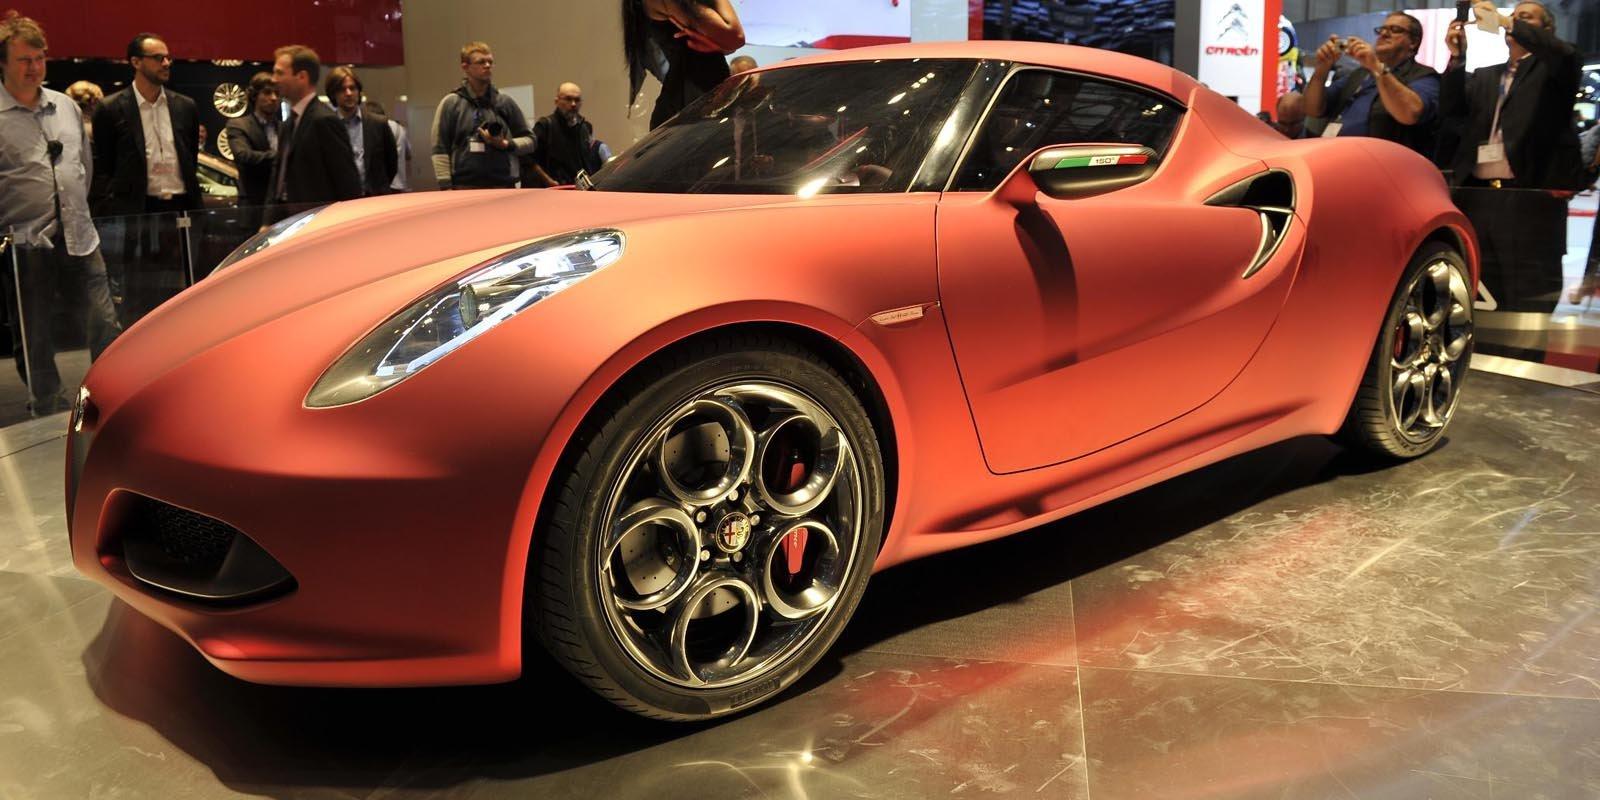 2011 Alfa Romeo C4 Concept